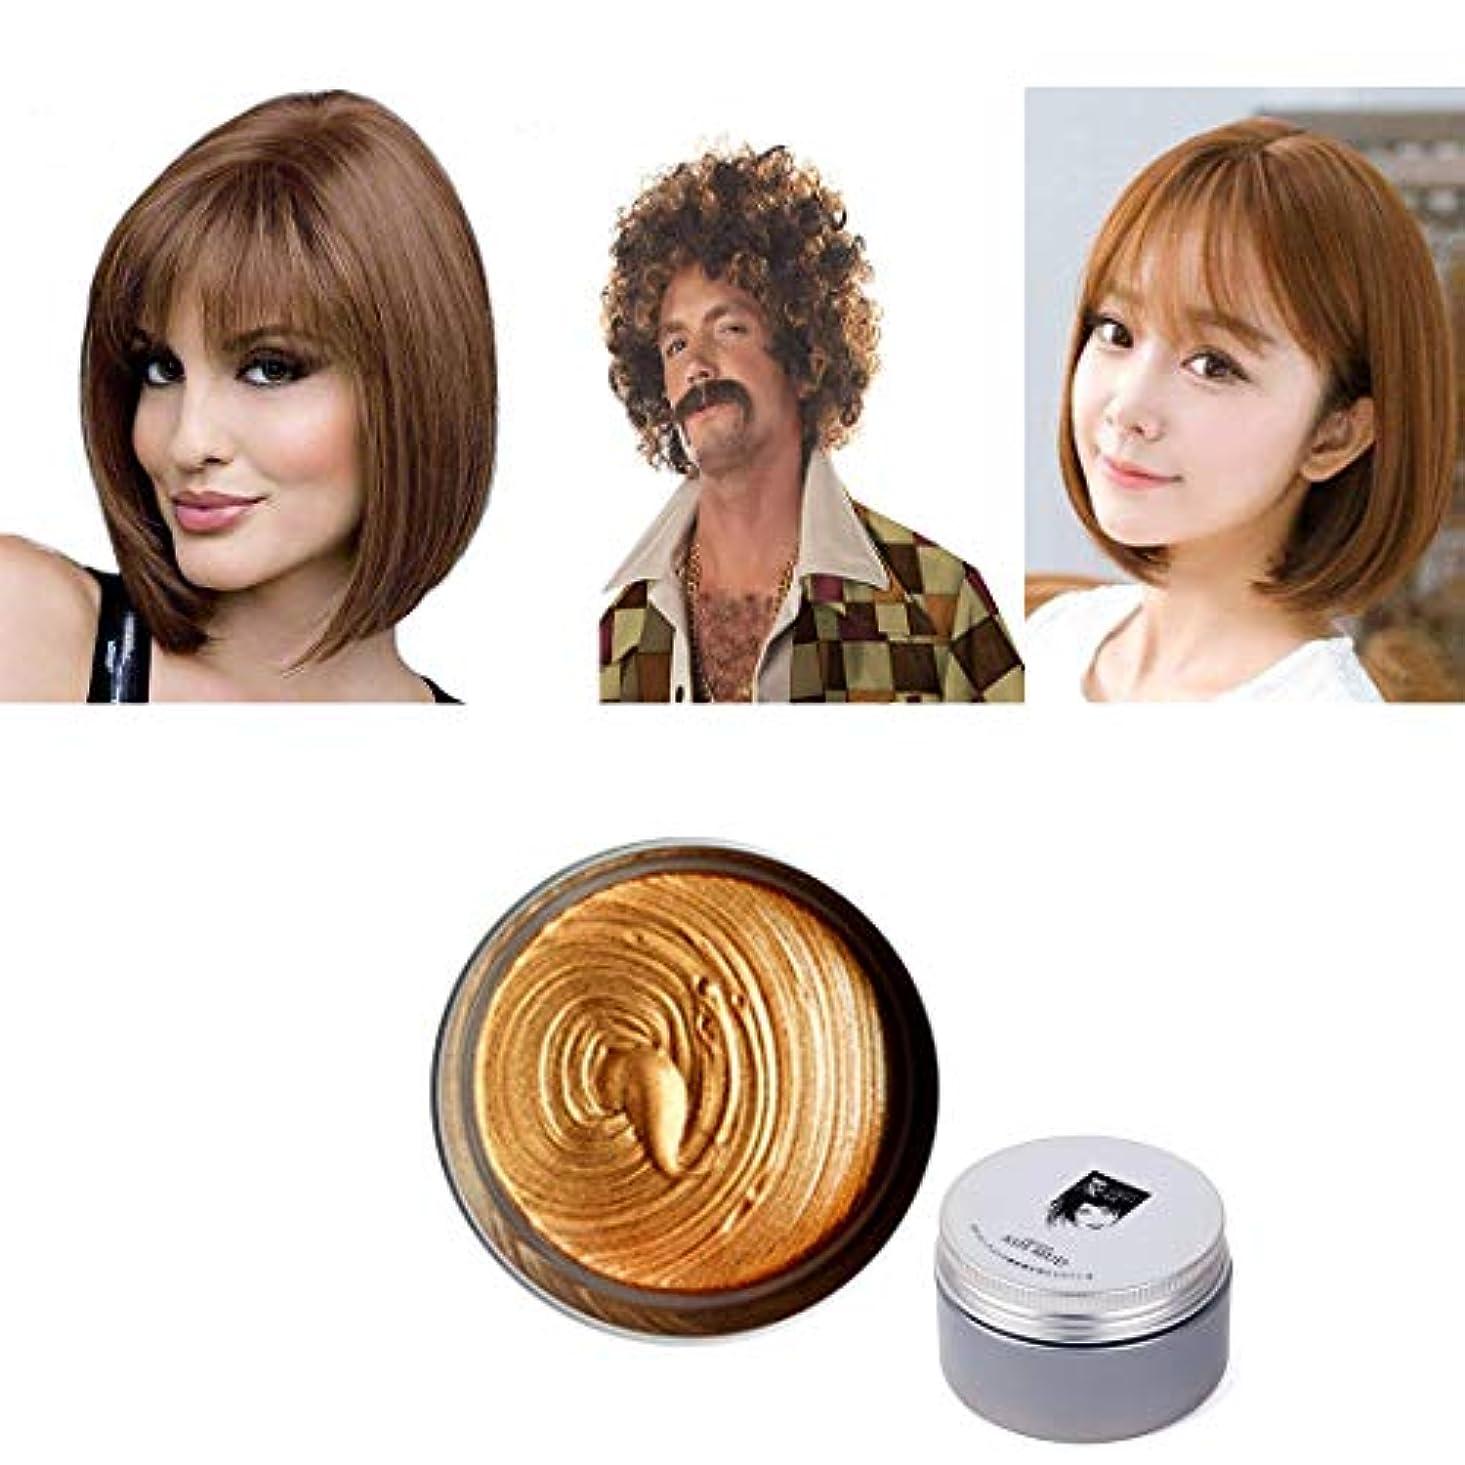 怠予報貨物COOLTEA ??髪色ワックス、インスタントのヘアワックス、1回限りの一時的な自然な髪型色染料ヘアワックス、DIY粘土スタイリングスタイリングヘアワックスハロウィーンパーティー、コスプレ、日常生活用(ブラウン)